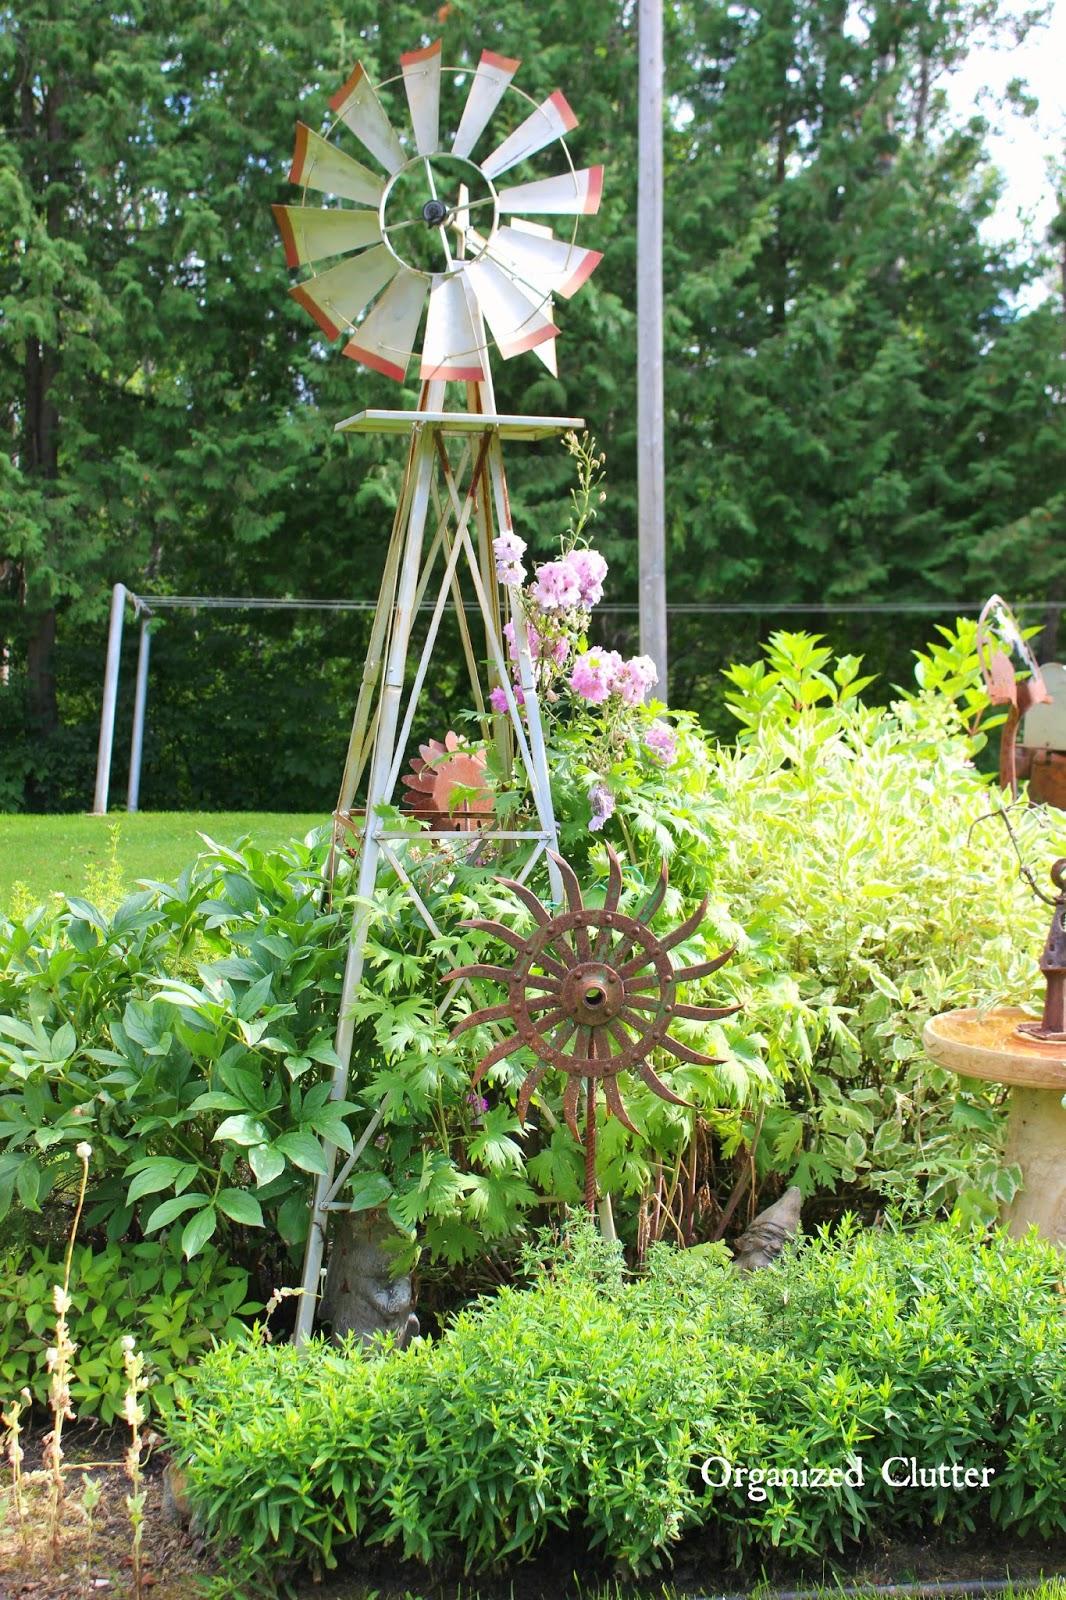 awesome outdoor junk gardens wwworganizedclutternet - Prim Garden